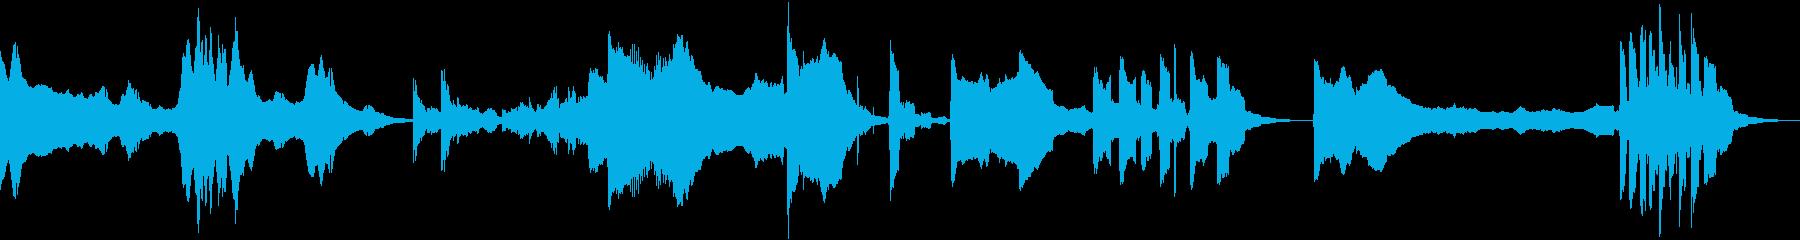 低変調音調バースト、複数バージョン...の再生済みの波形